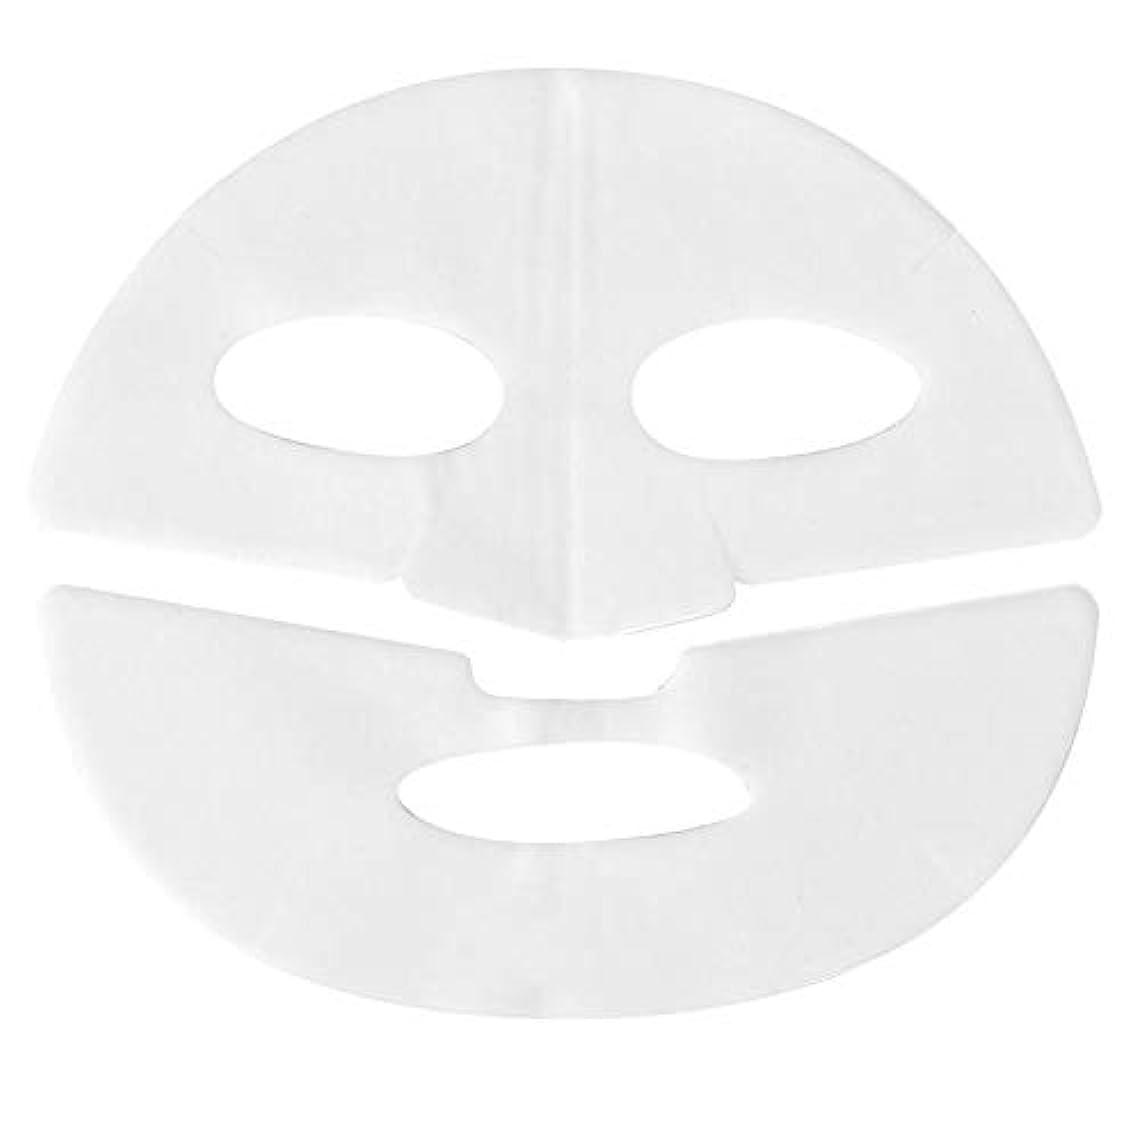 鳩胚絶滅した10 PCS痩身マスク - 水分補給用V字型マスク、保湿マスク - 首とあごのリフト、アンチエイジング、しわを軽減